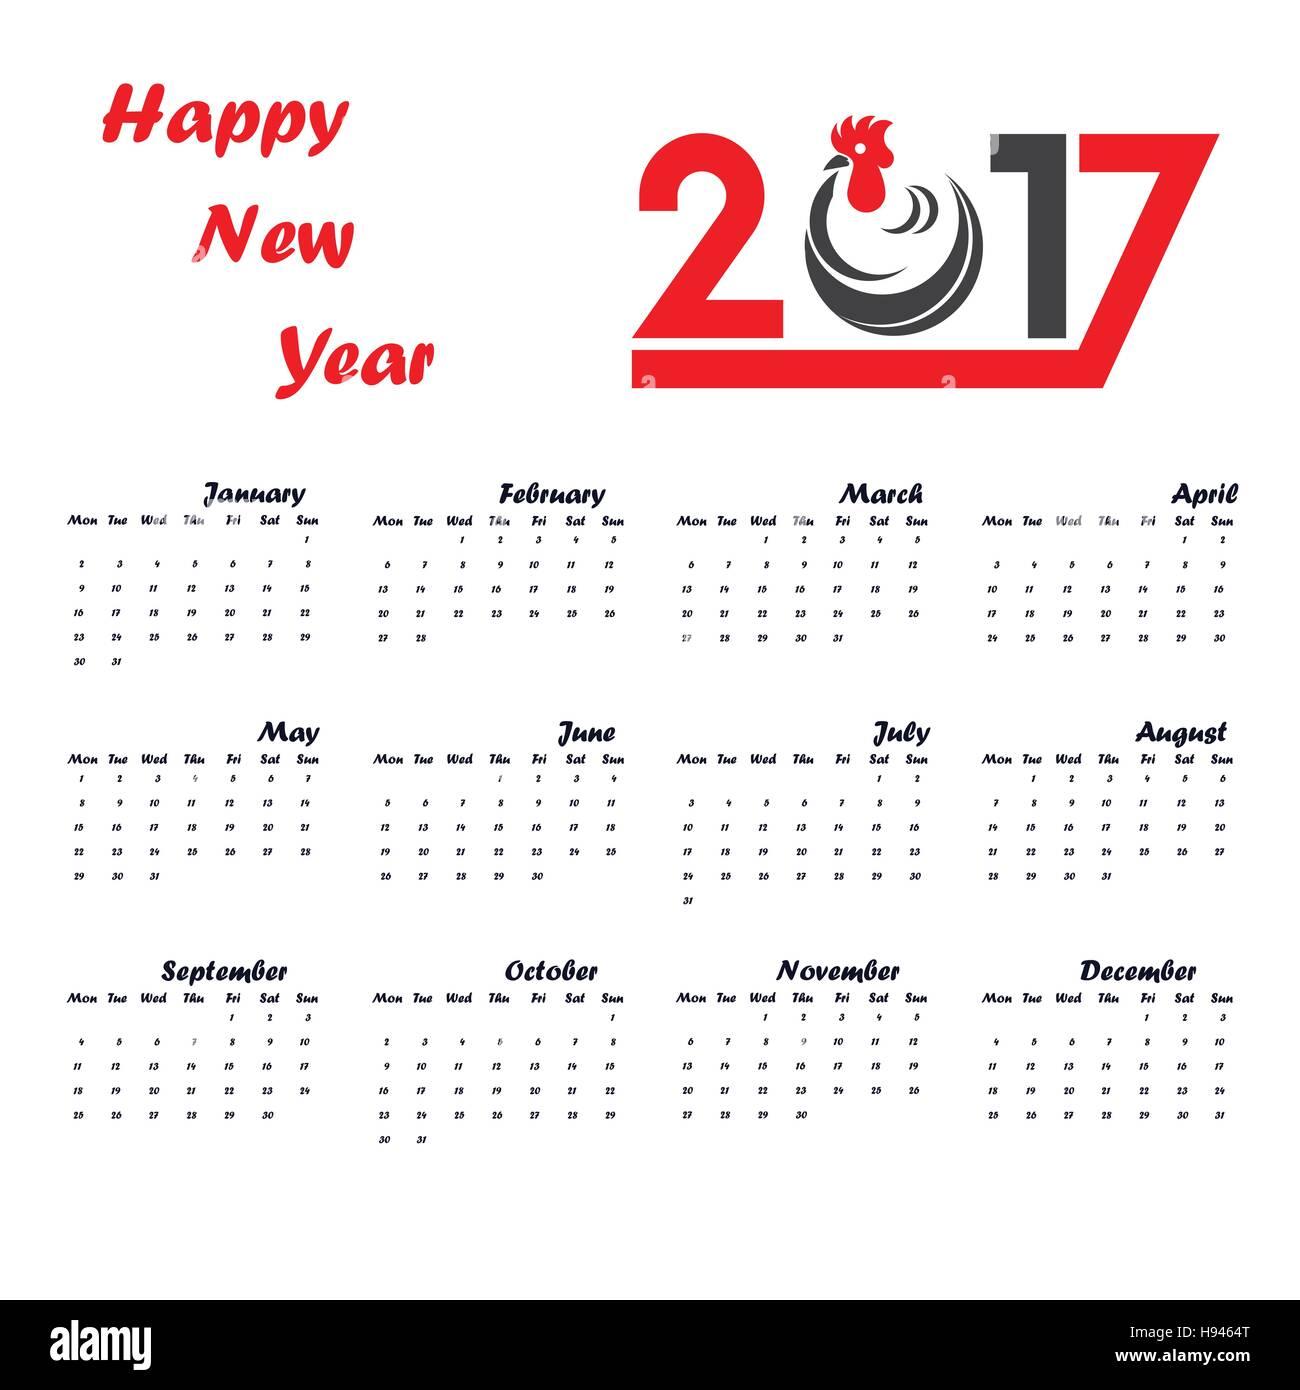 2017 Kalender Für Das Jahr 2017 Templatecalendar Vektor Design